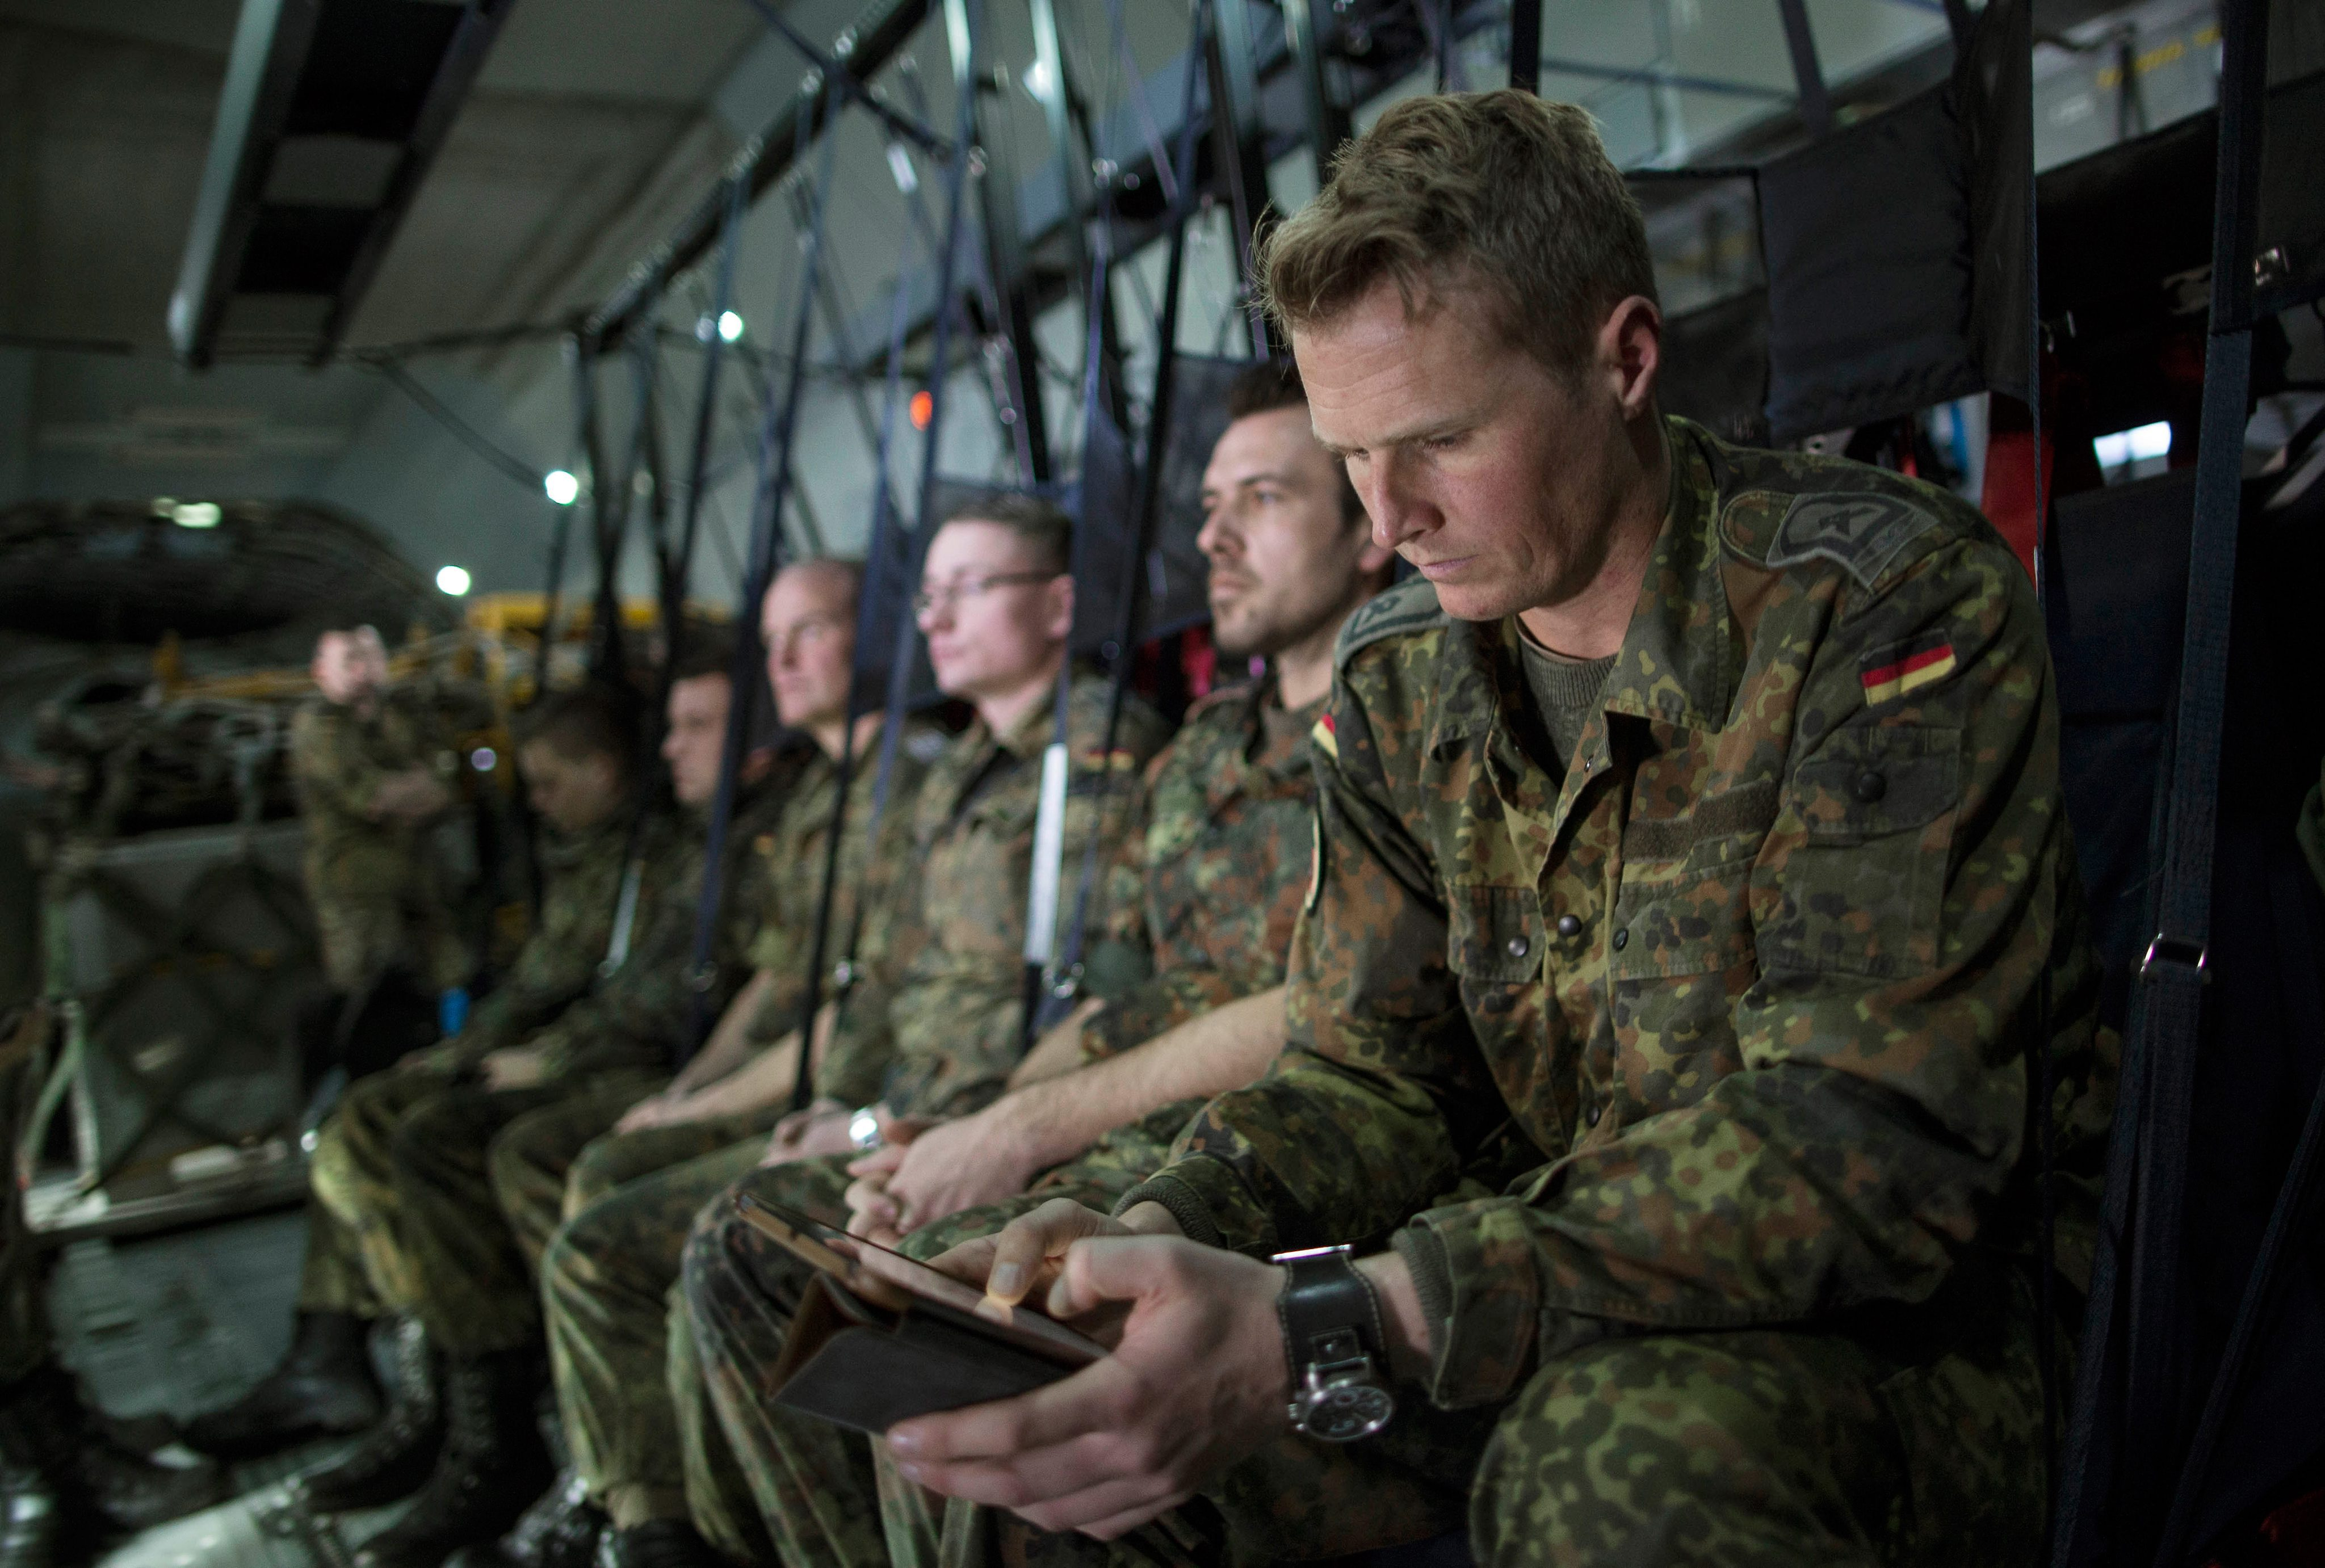 Министърът на отбраната на Германия Урсула фон дер Лайен заяви, че министерството на финансите се е съгласило до 2020 г. да увеличи военните разходи с 10 милиарда евро, които ще бъдат похарчени за нови оръжия и увеличаване на числения състав на армията, която в момента е с численост от 176 509 души и бюджет от 34,4 млрд. евро.